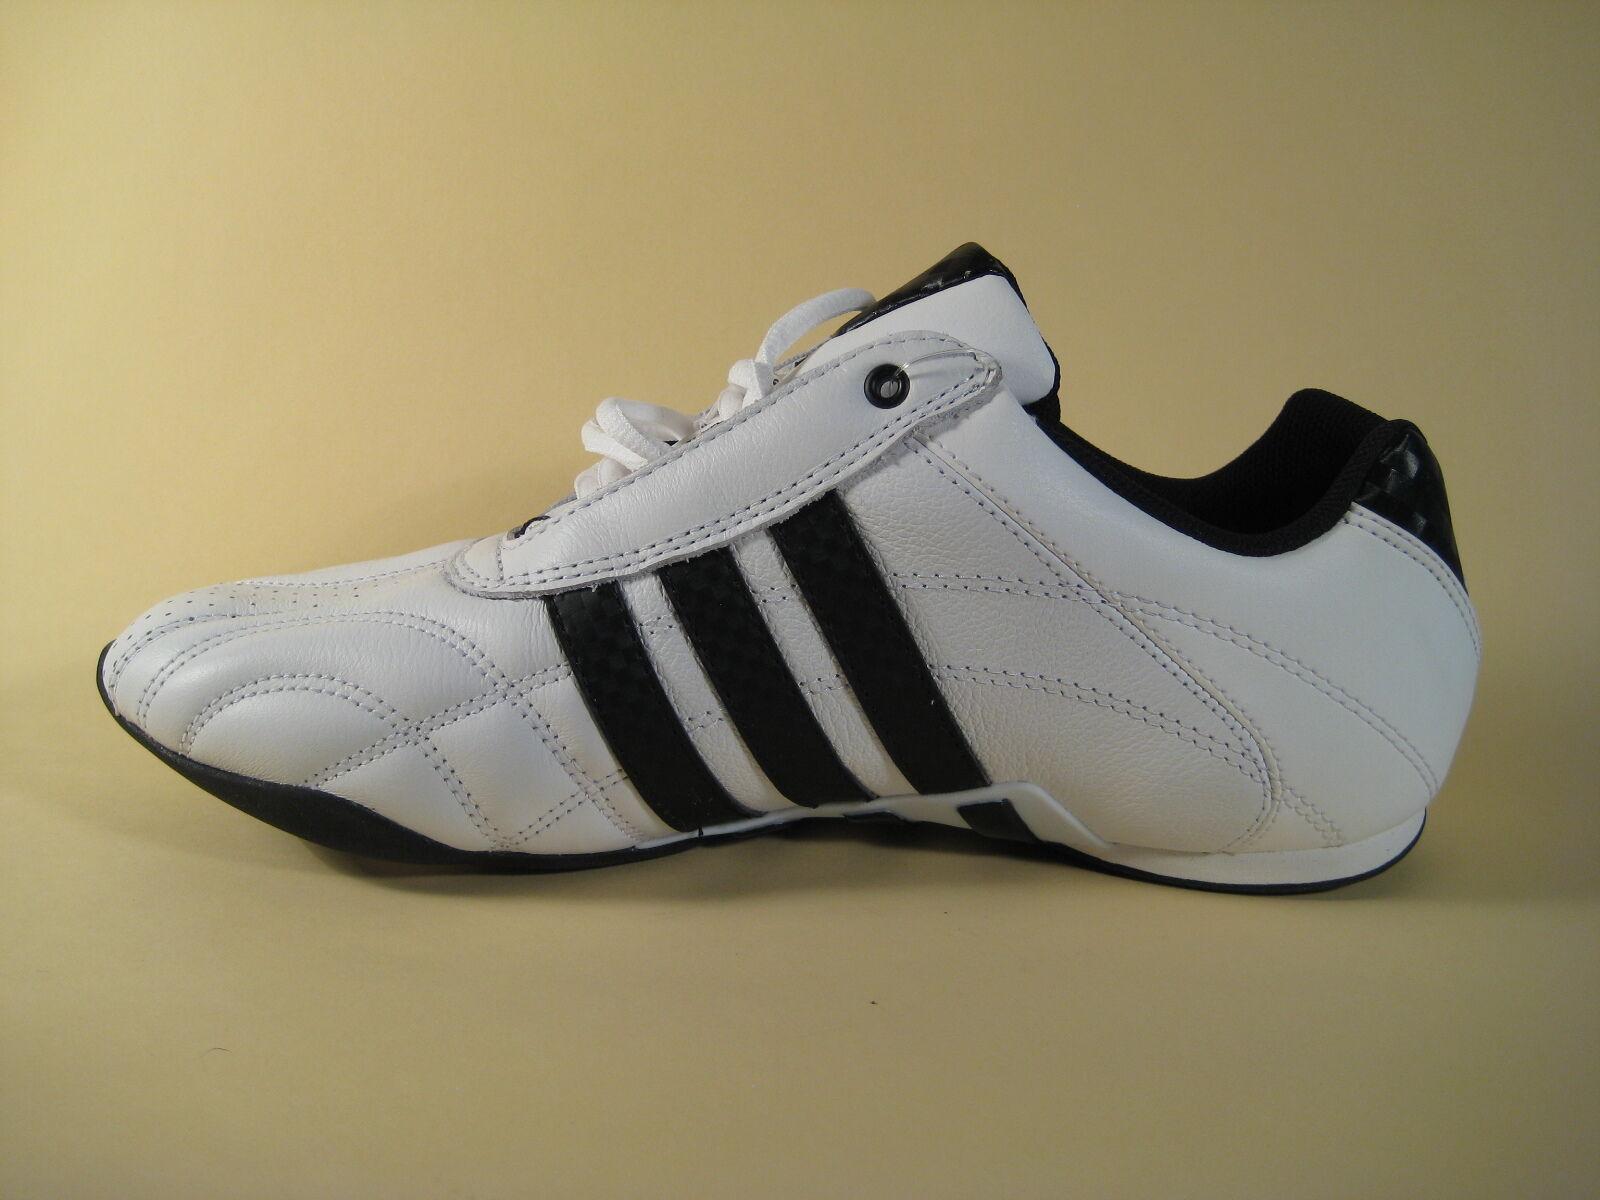 Adidas Kundo Damen Hallenschuh weissschwarz Neu! | eBay